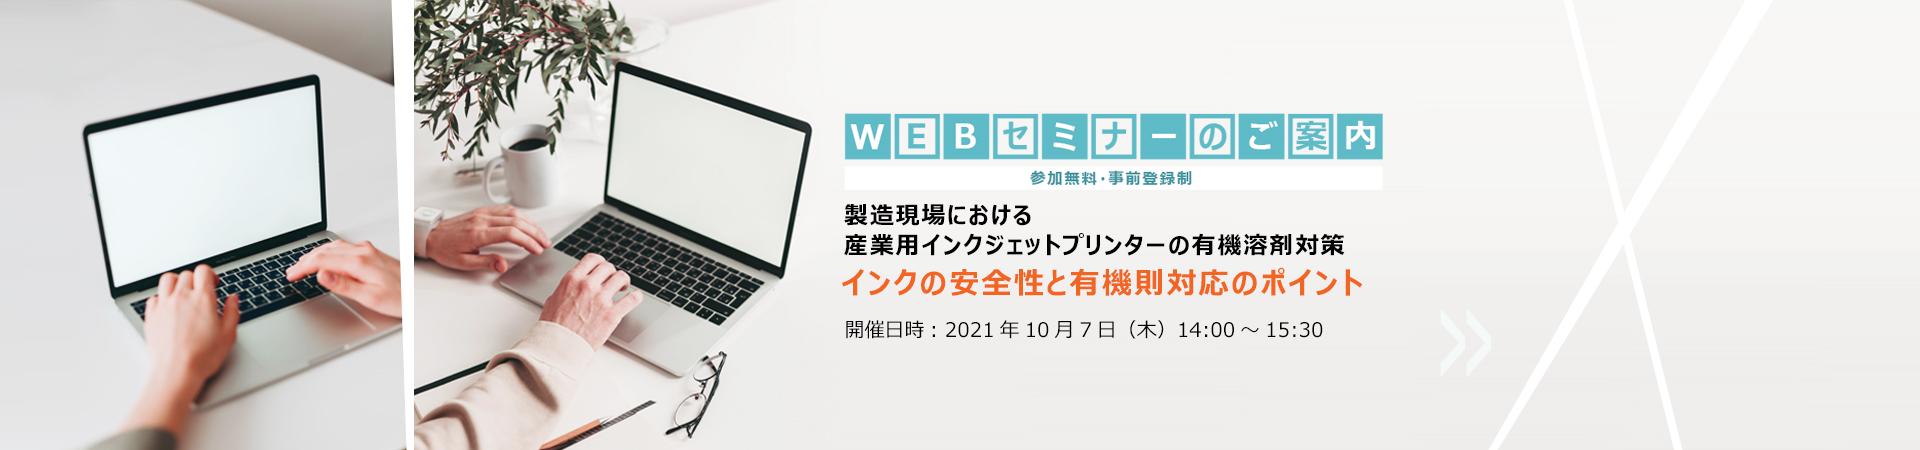 WEBセミナー開催案内